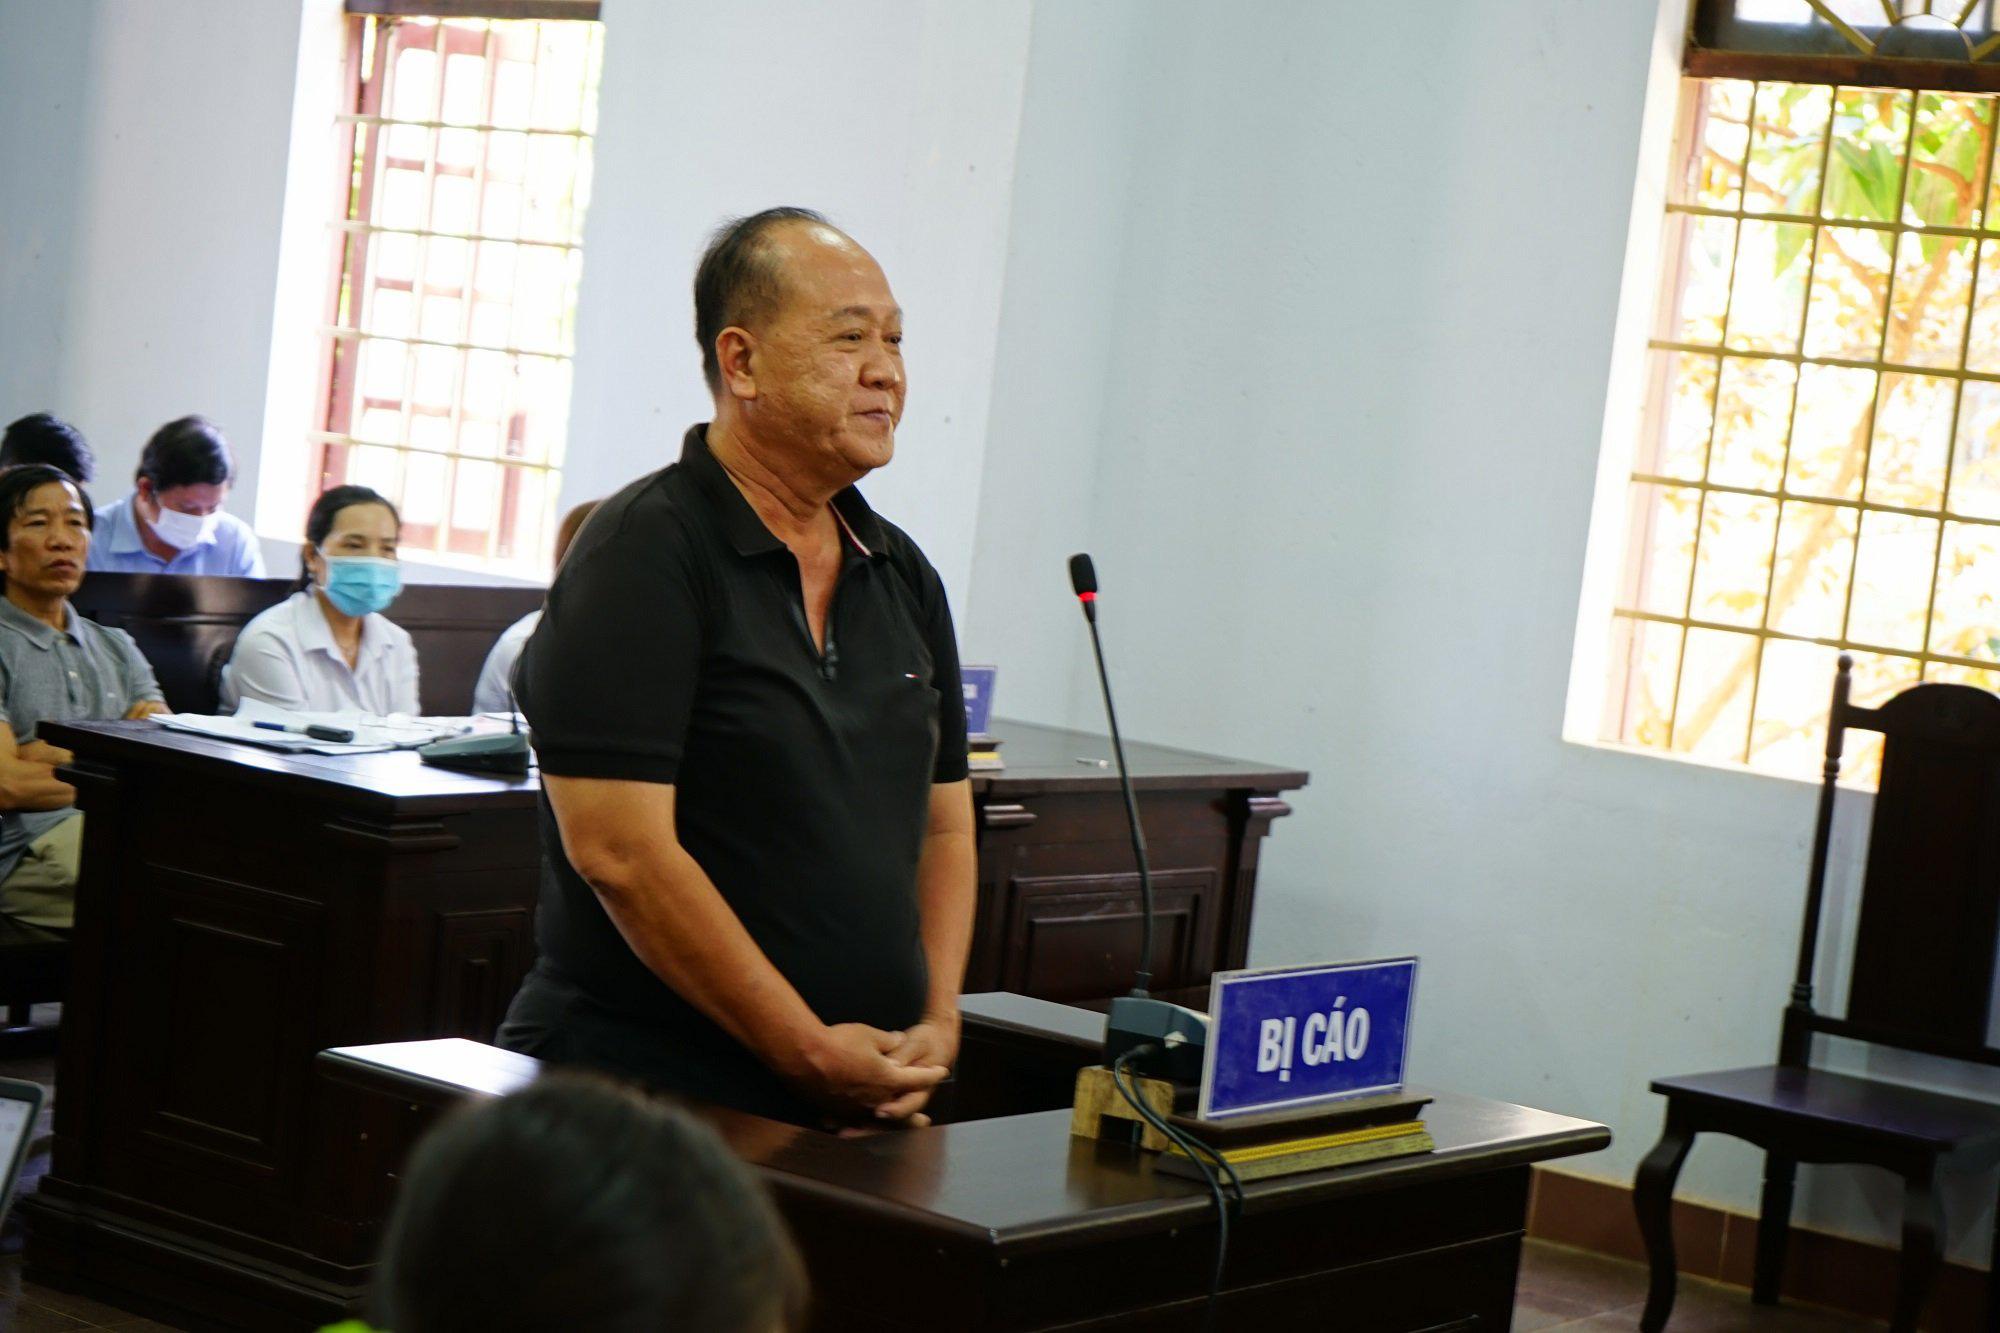 Đại gia Trịnh Sướng khai pha trộn xăng theo tỷ lệ 40% xăng nền, 60% là hóa chất, dung môi - Ảnh 2.